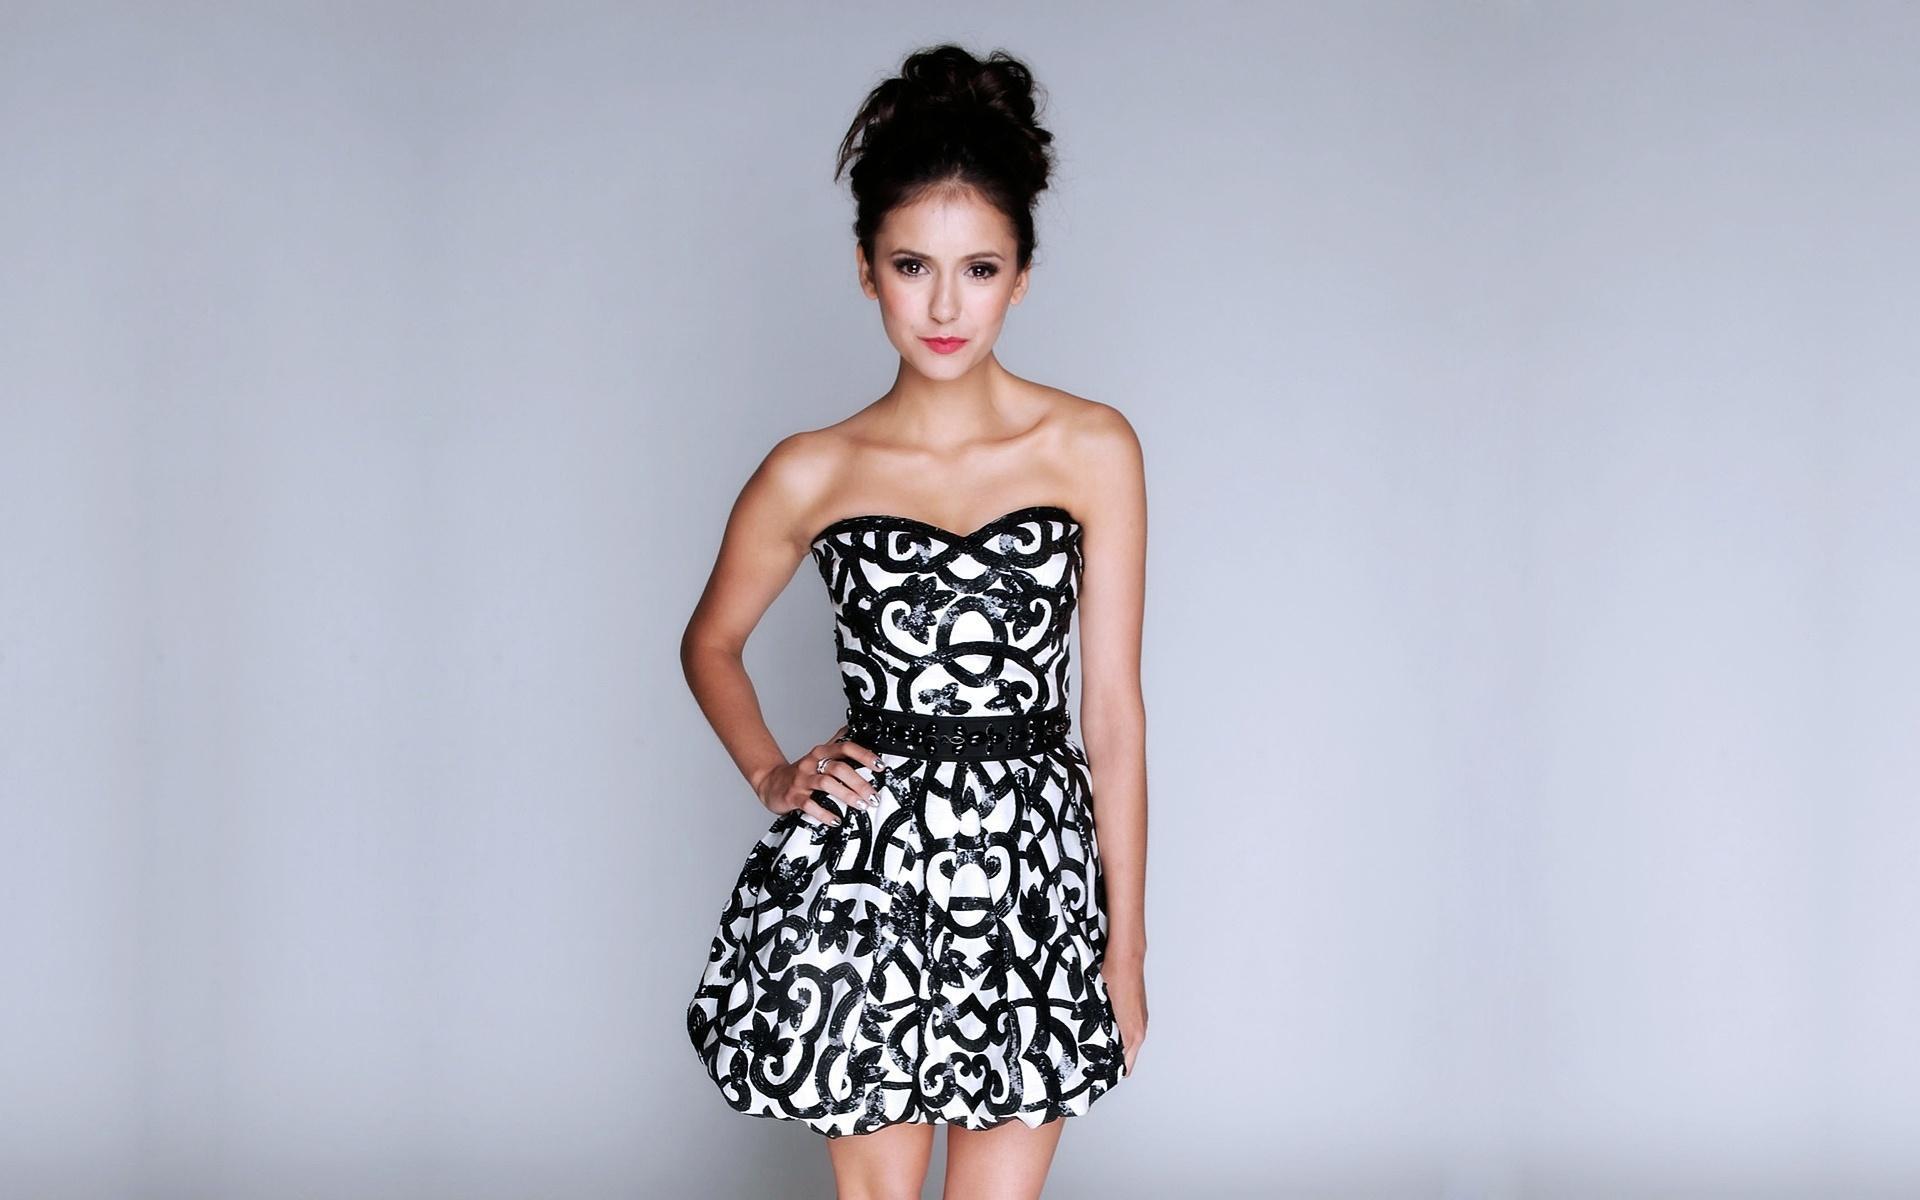 Vestido blanco y negro - 1920x1200